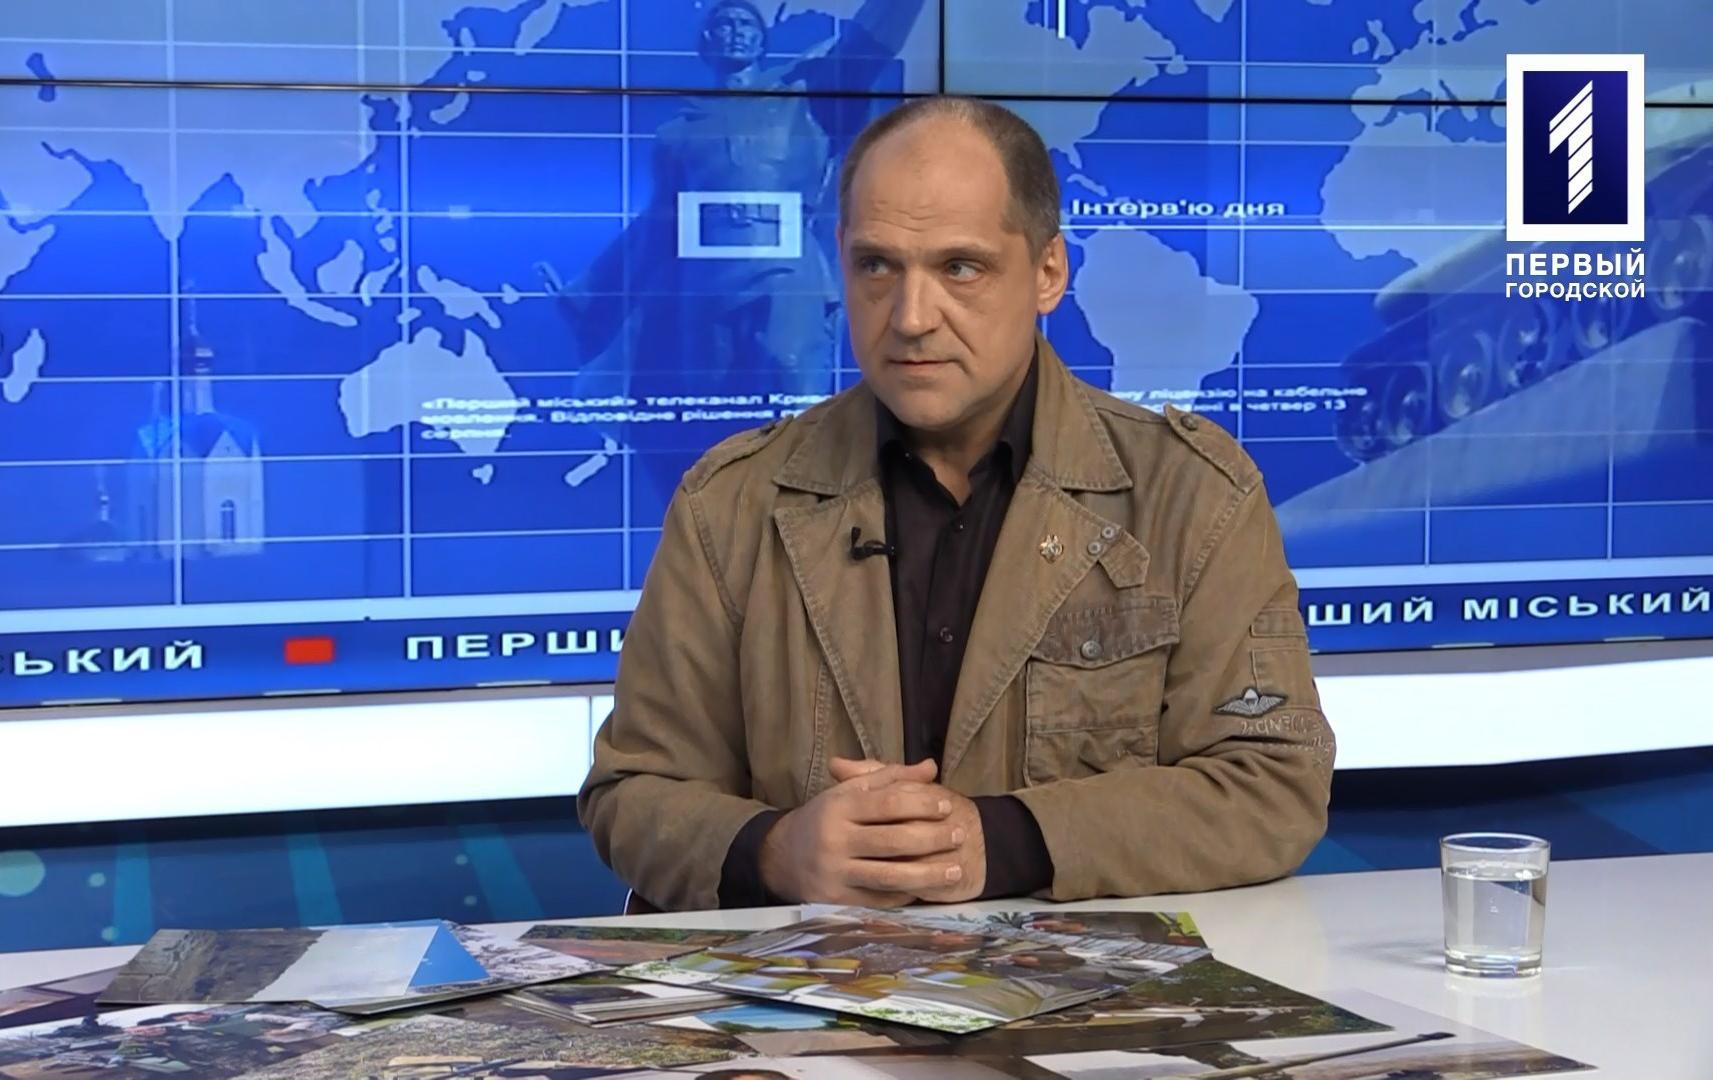 Інтерв'ю дня: військовий репортер Олексій Кущ